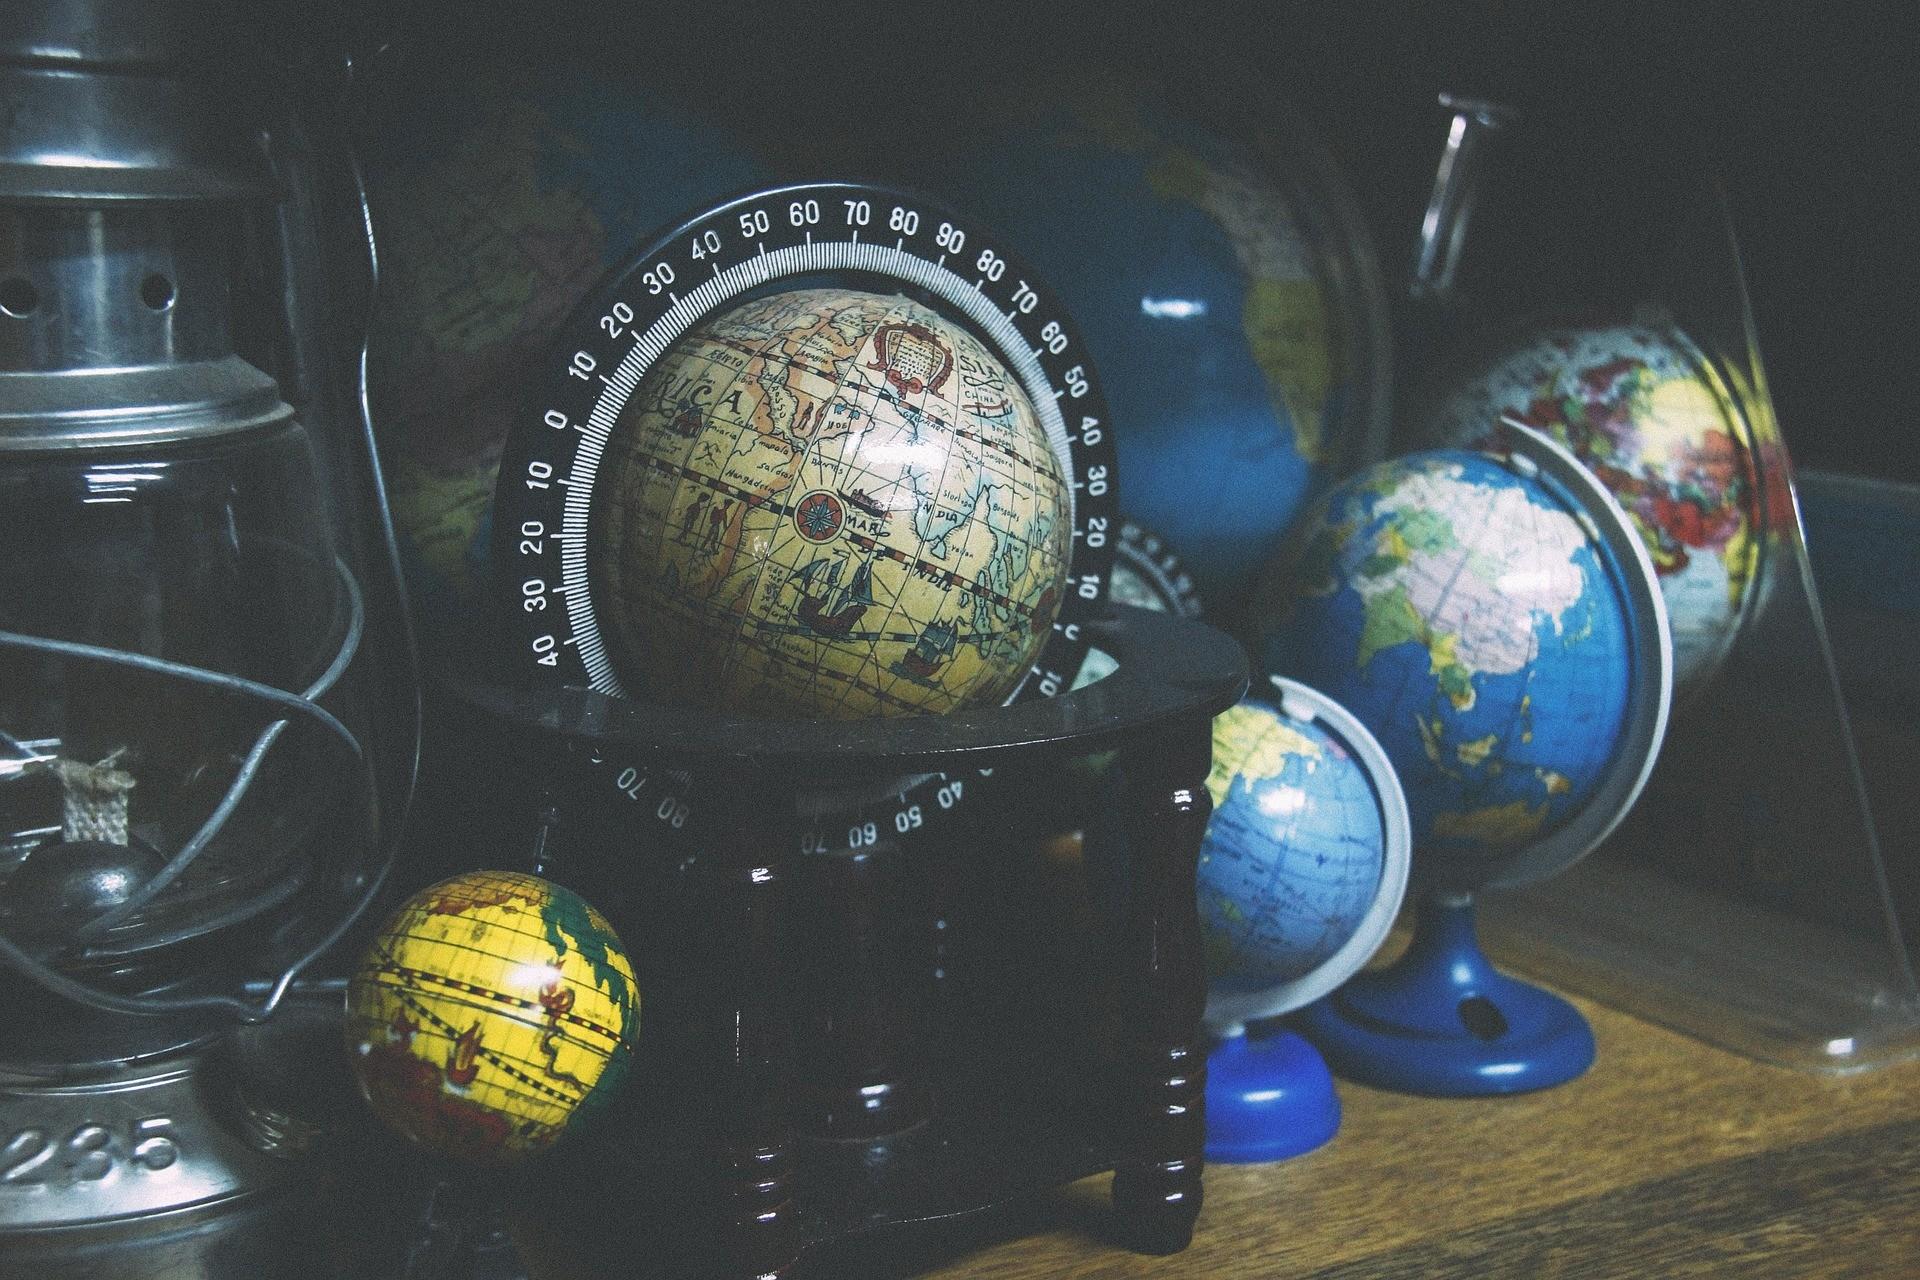 Qué es globo terráqueo? Definición, concepto y significado